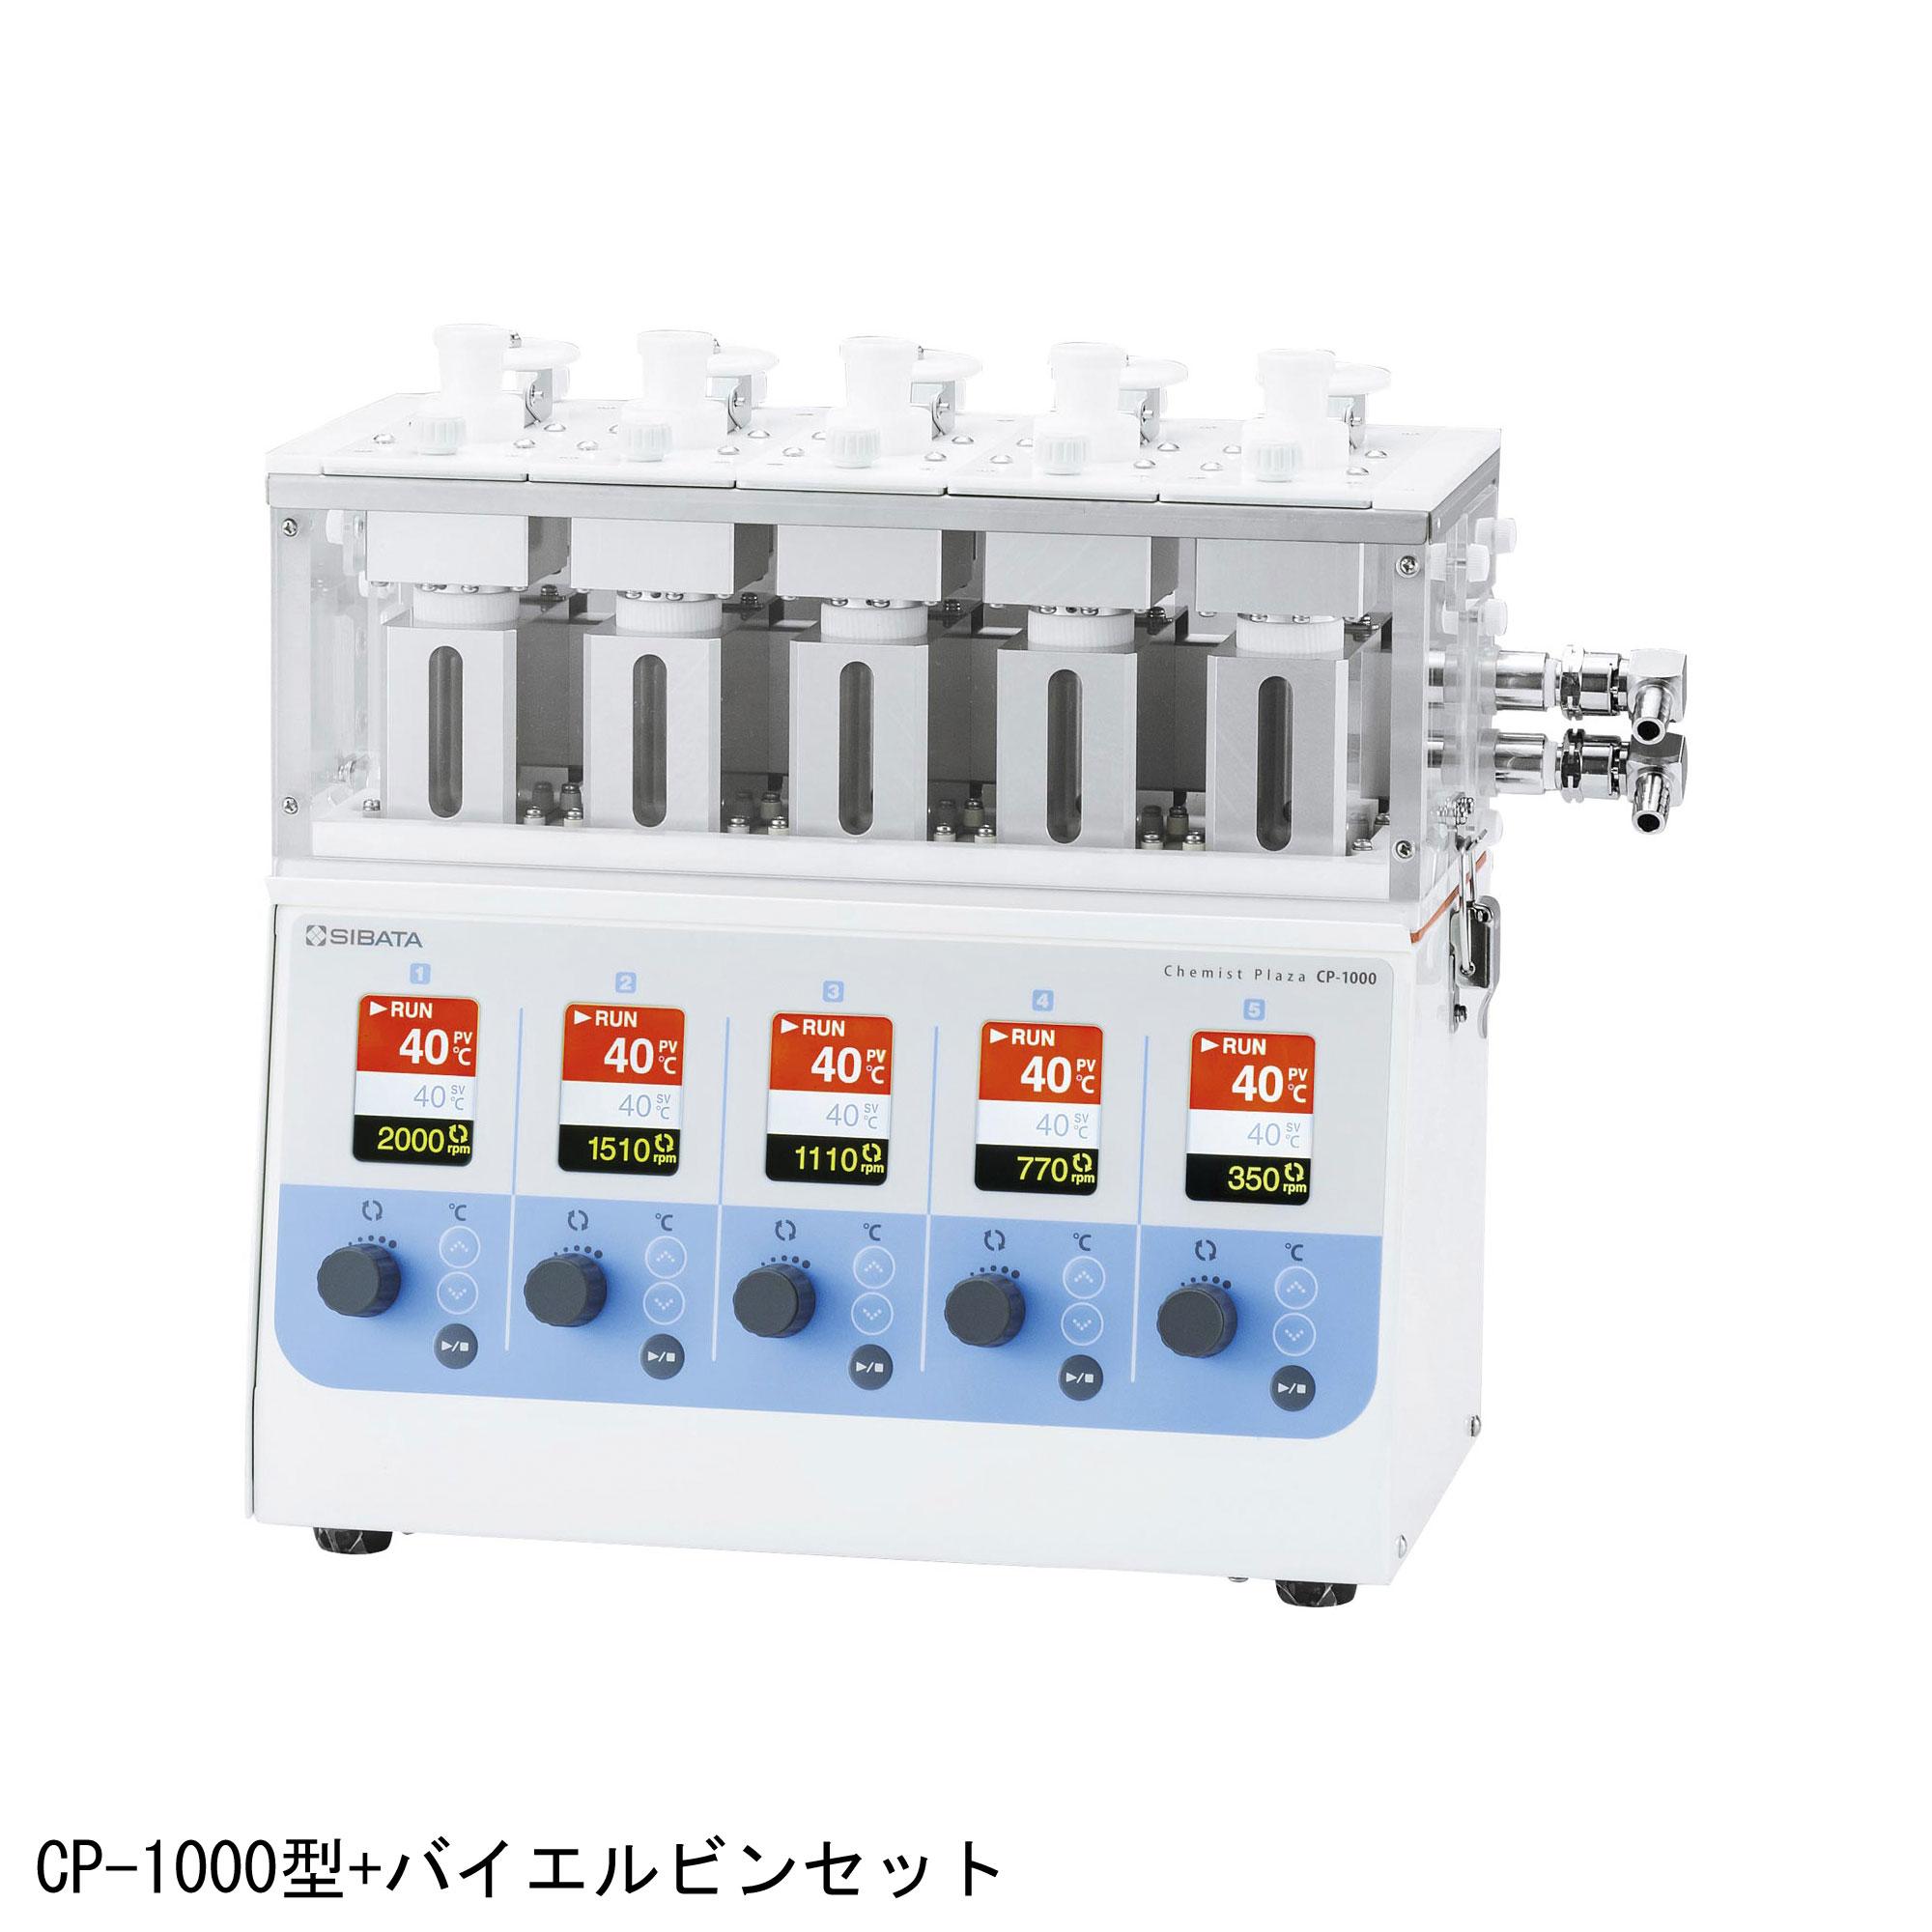 合成・反応装置 ケミストプラザ CP-1000用 バイエルビンセット